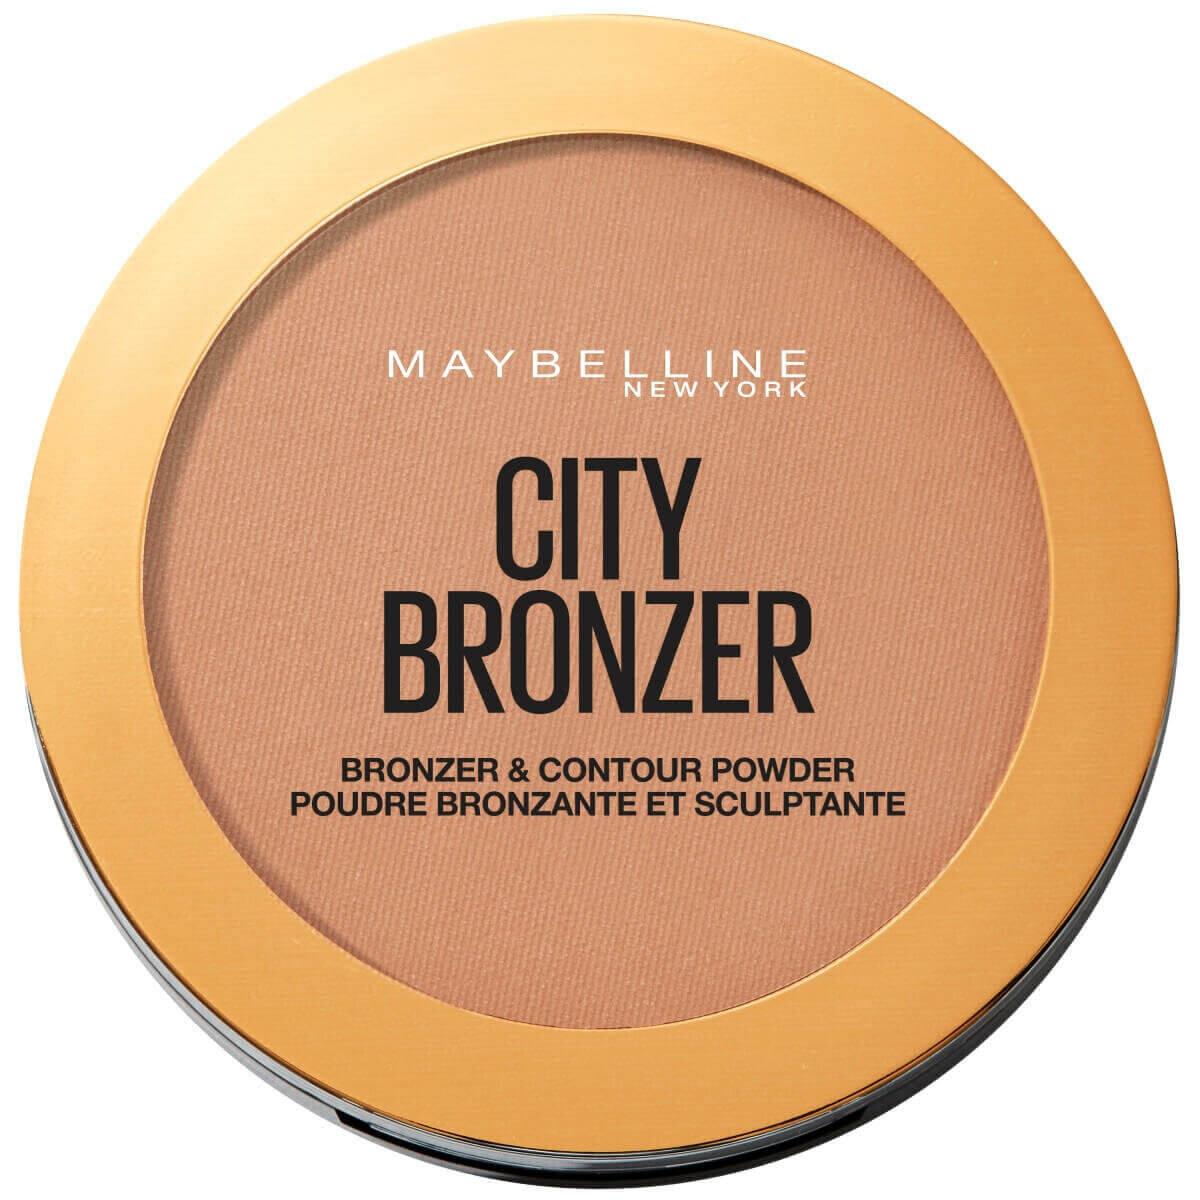 City Bronzer Bronzlaştırıcı & Kontür Pudrası No: 300 Deep Cool - Koyu, Soğuk Ton